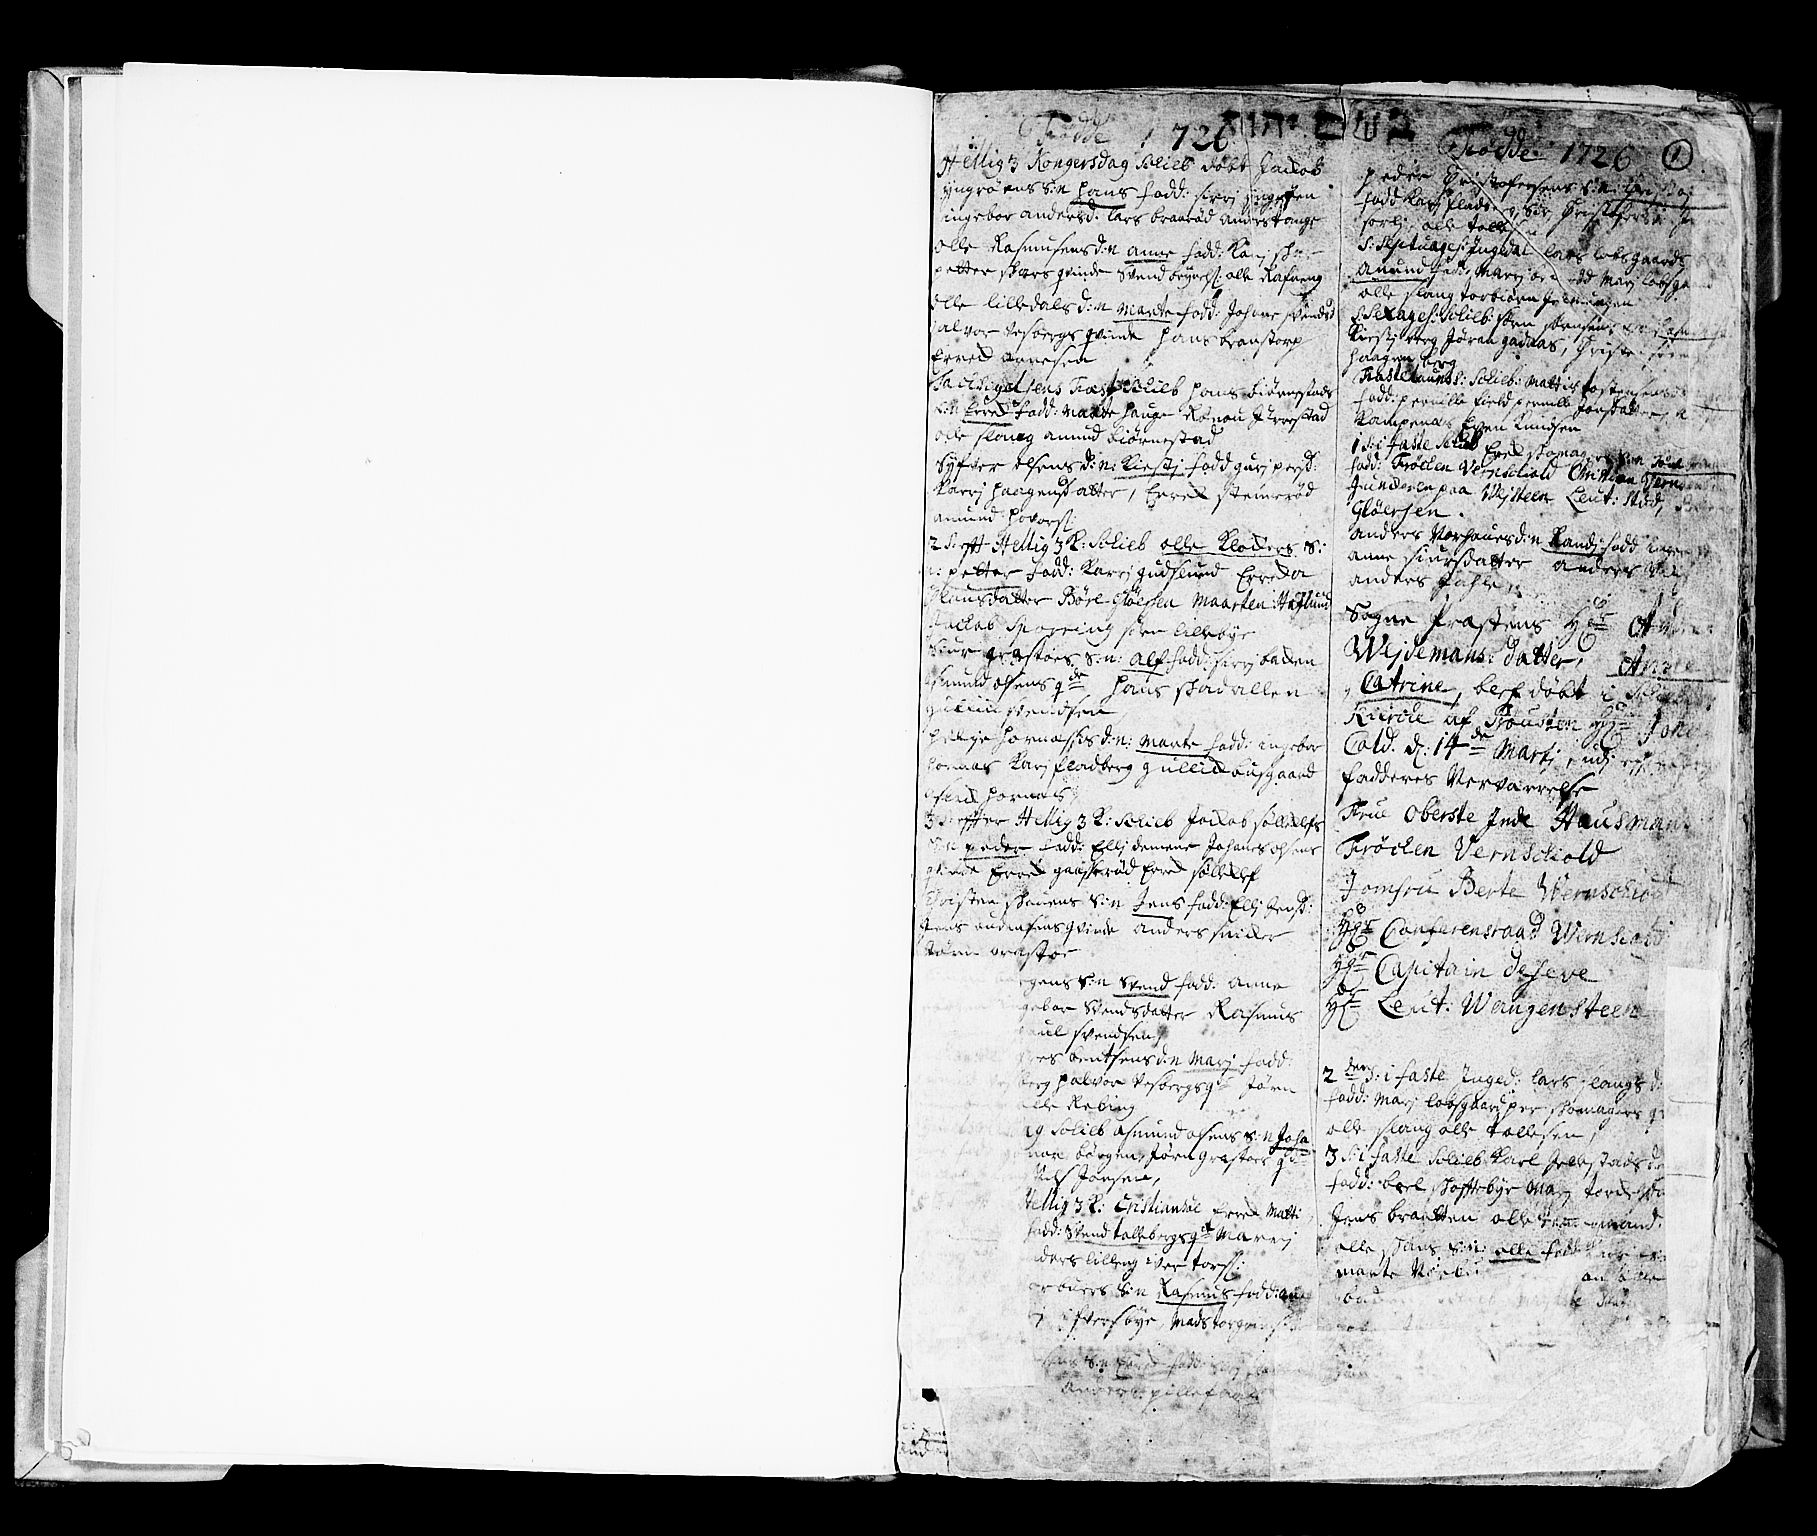 SAO, Skjeberg prestekontor Kirkebøker, F/Fa/L0002: Ministerialbok nr. I 2, 1726-1791, s. 1